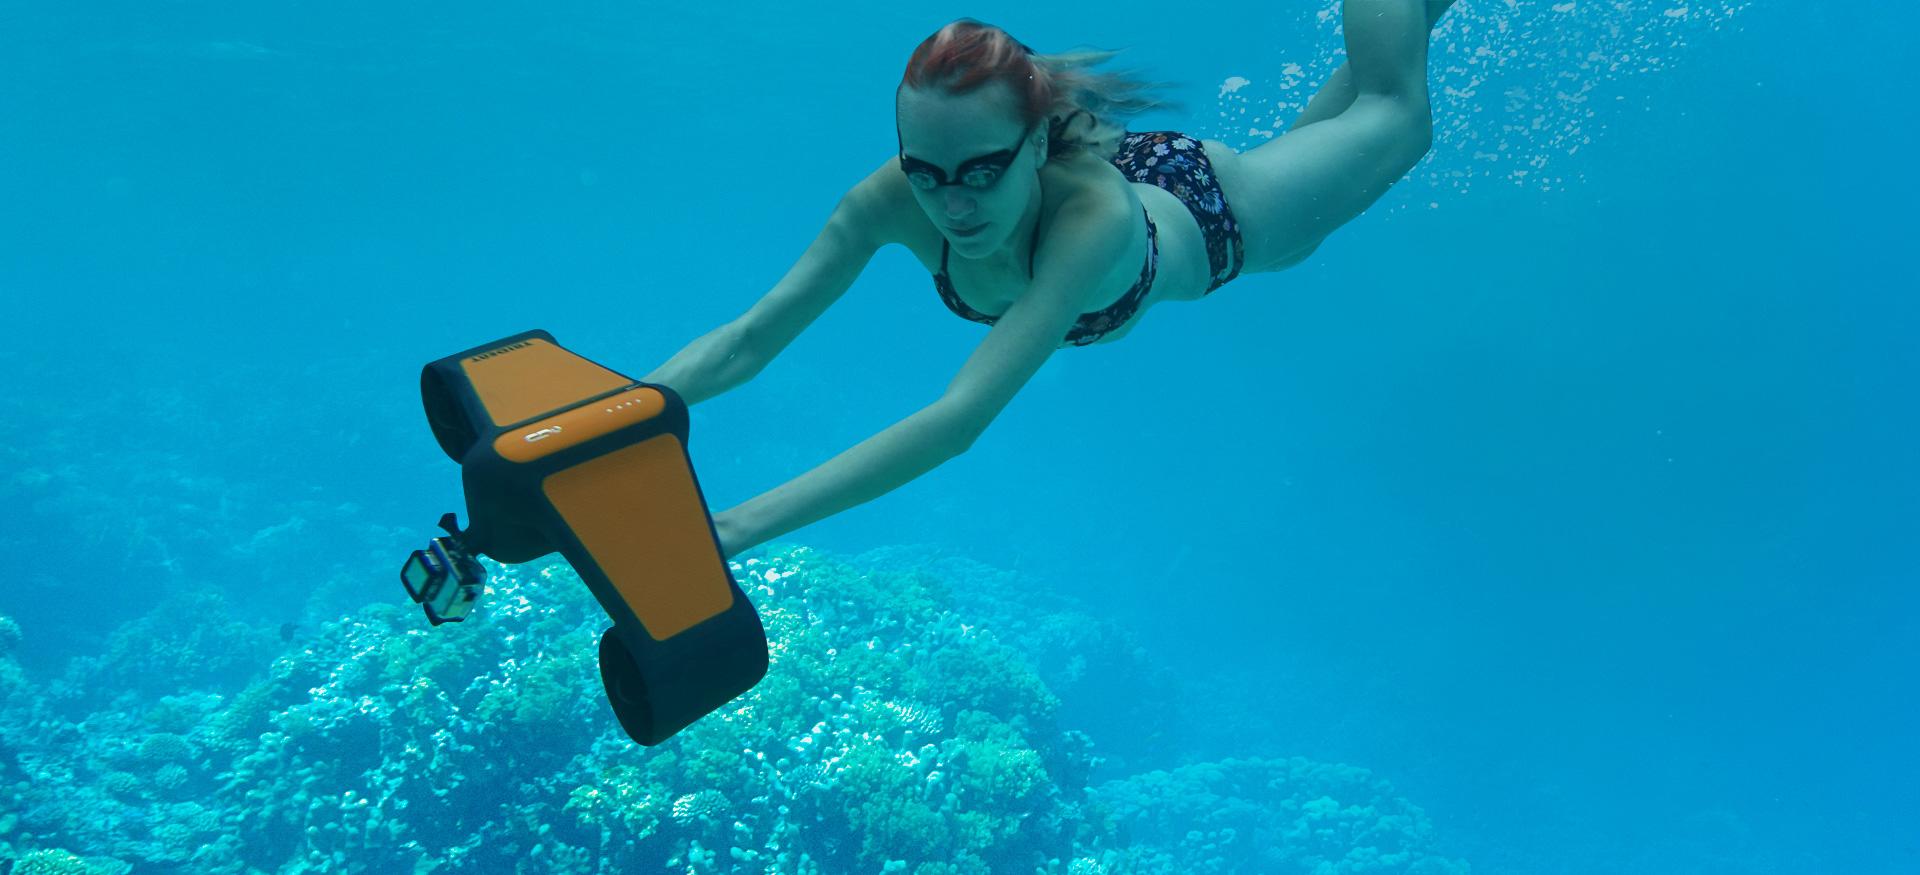 Trident podwodny skuter